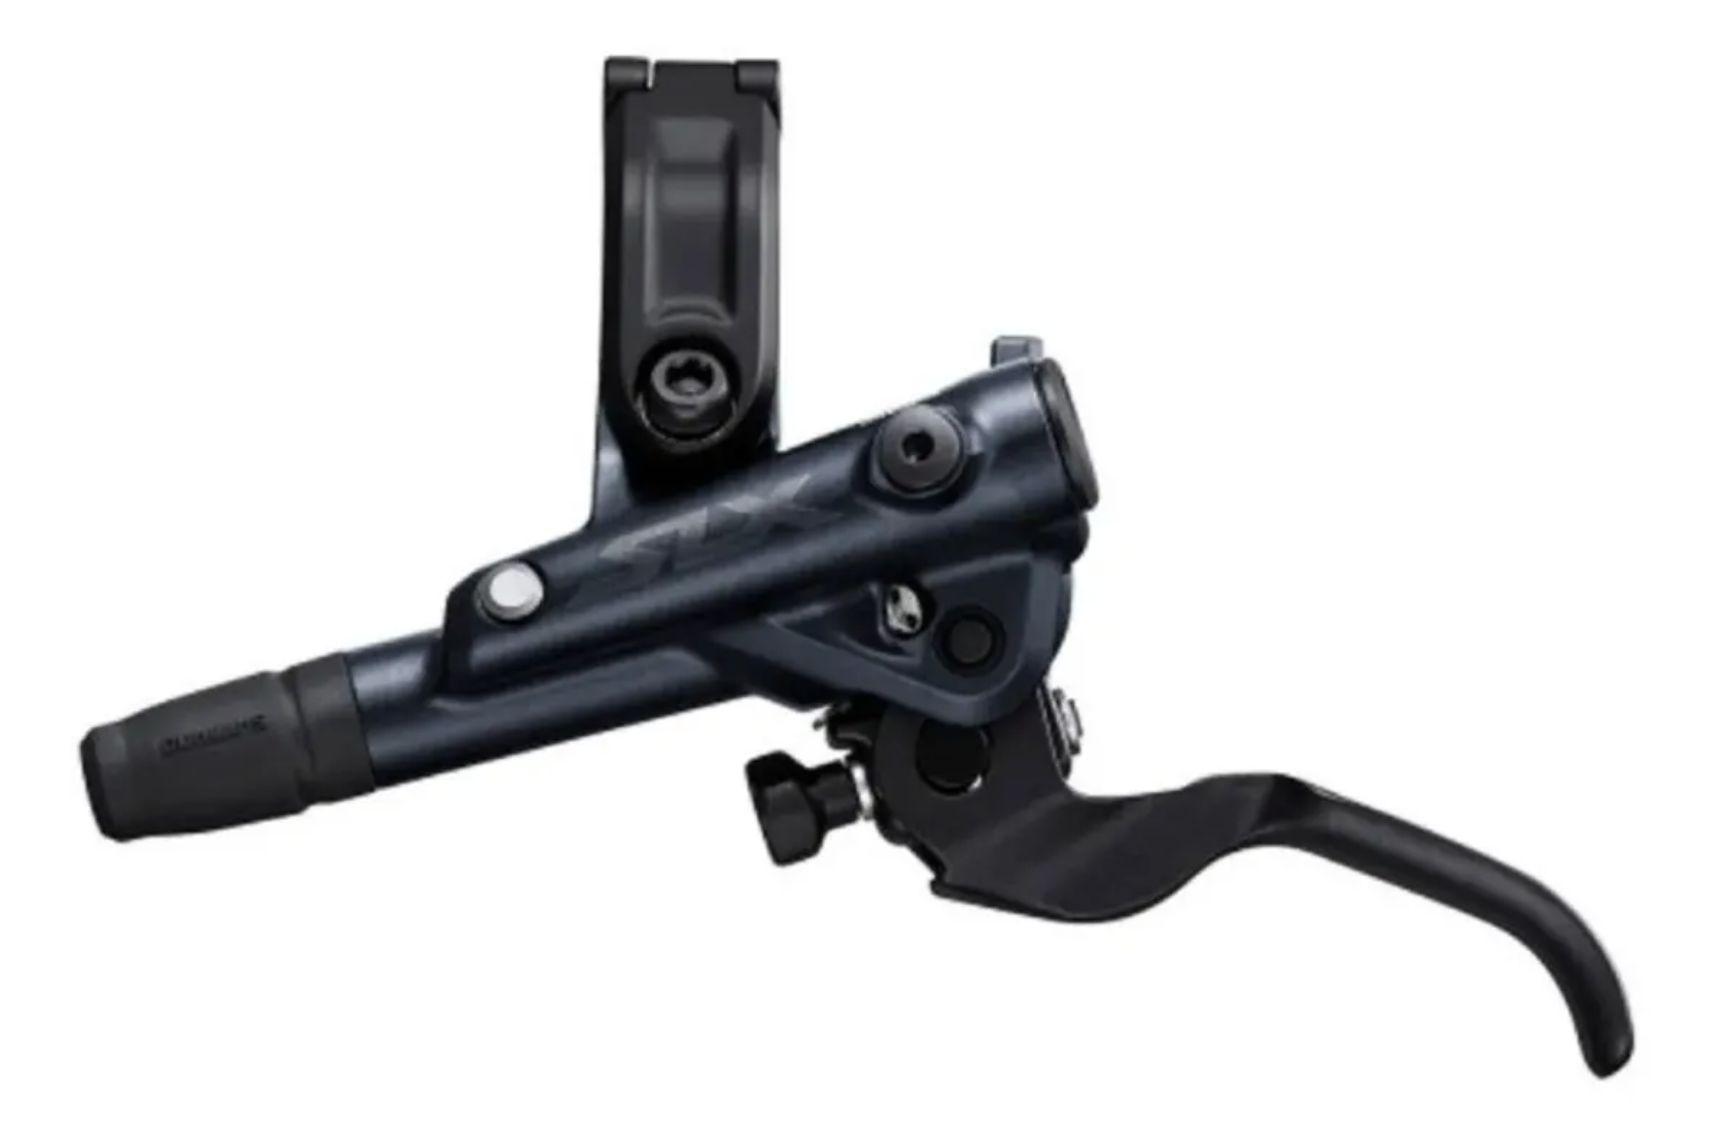 Maçaneta Manete Freio Hidraulico Shimano Slx M7100 Esquerdo